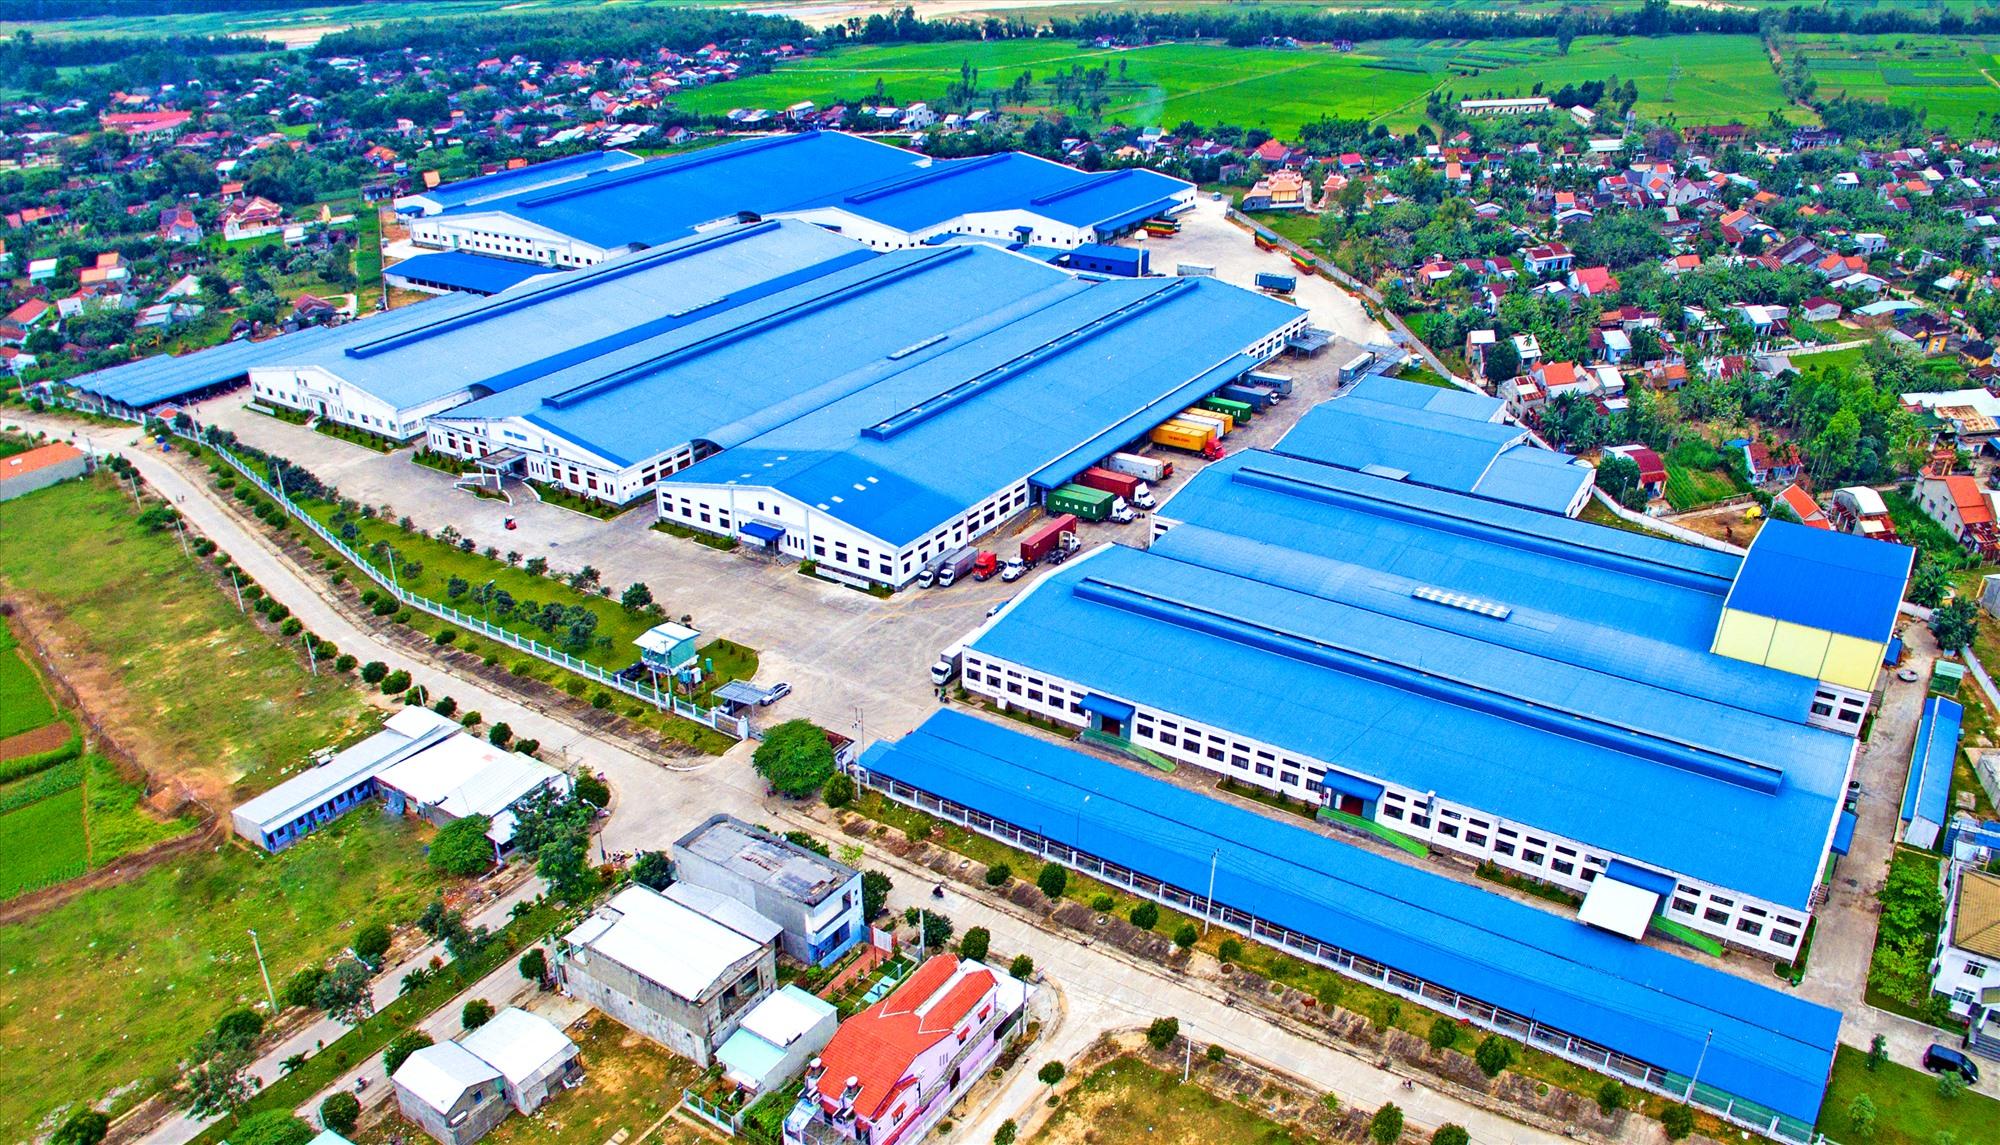 Quảng Nam cần định hướng phát triển công nghiệp theo hướng ưu tiên phát triển công nghiệp sử dụng công nghệ cao. ảnh: L.T.K